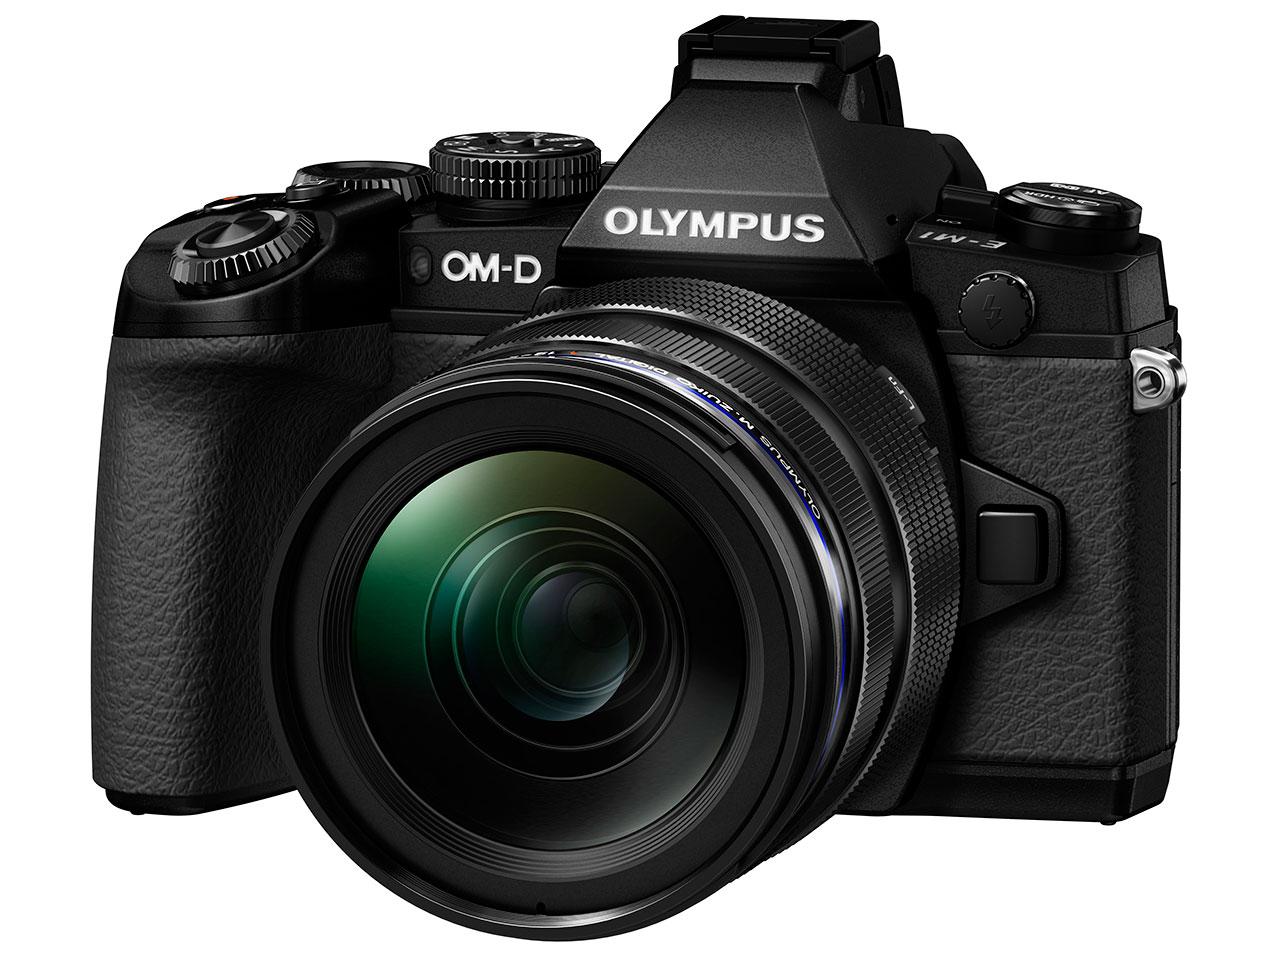 Belehúzott az Olympus: itt a nyálcsorgatós OM-D E-M1 és hasonlóan vonzó objektívek